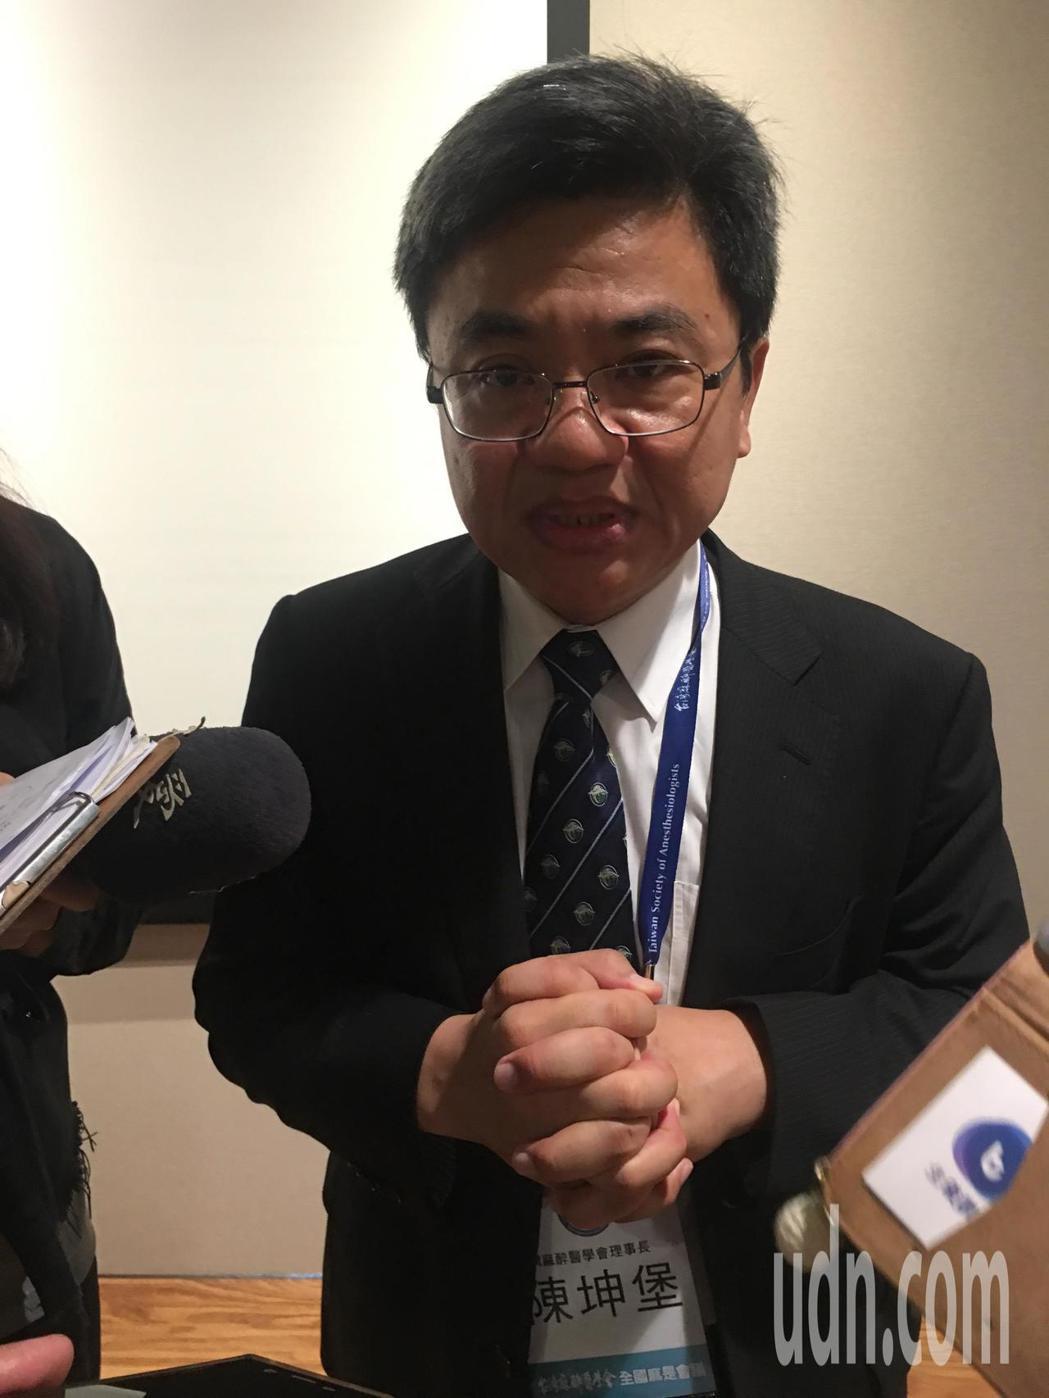 台灣麻醉醫學會理事長、中國醫藥大學附設醫院麻醉部主任陳坤堡。 記者鄧桂芬/攝影